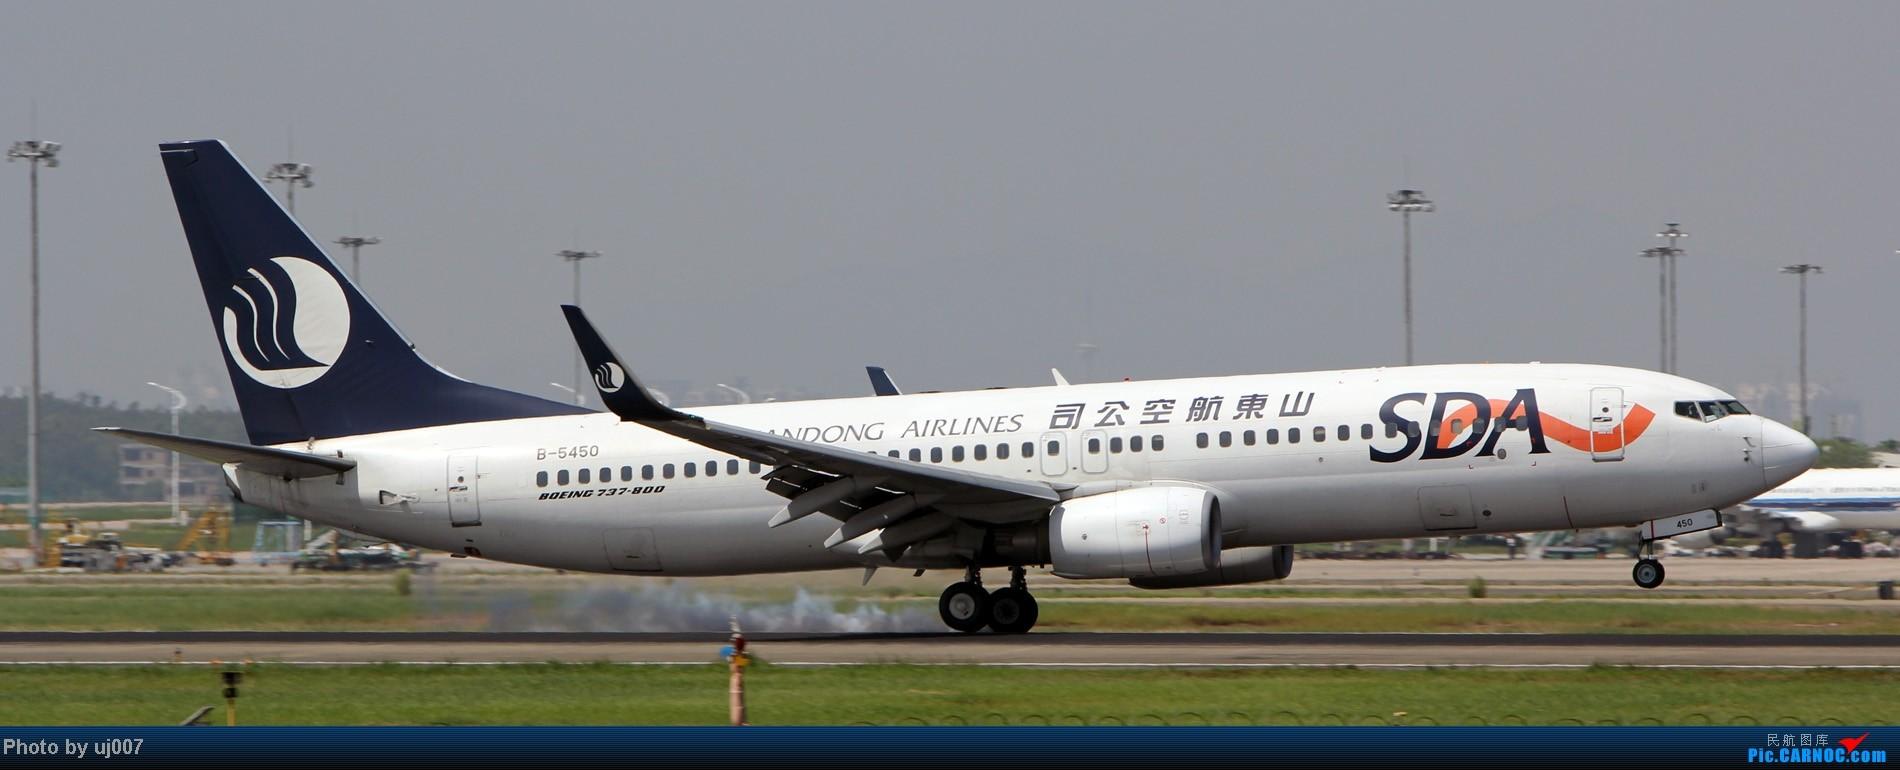 Re:[原创]10月2日白云拍机(大飞机,特别妆,外航,闪灯,擦烟)求指点. BOEING 737-800 B-5450 中国广州白云机场